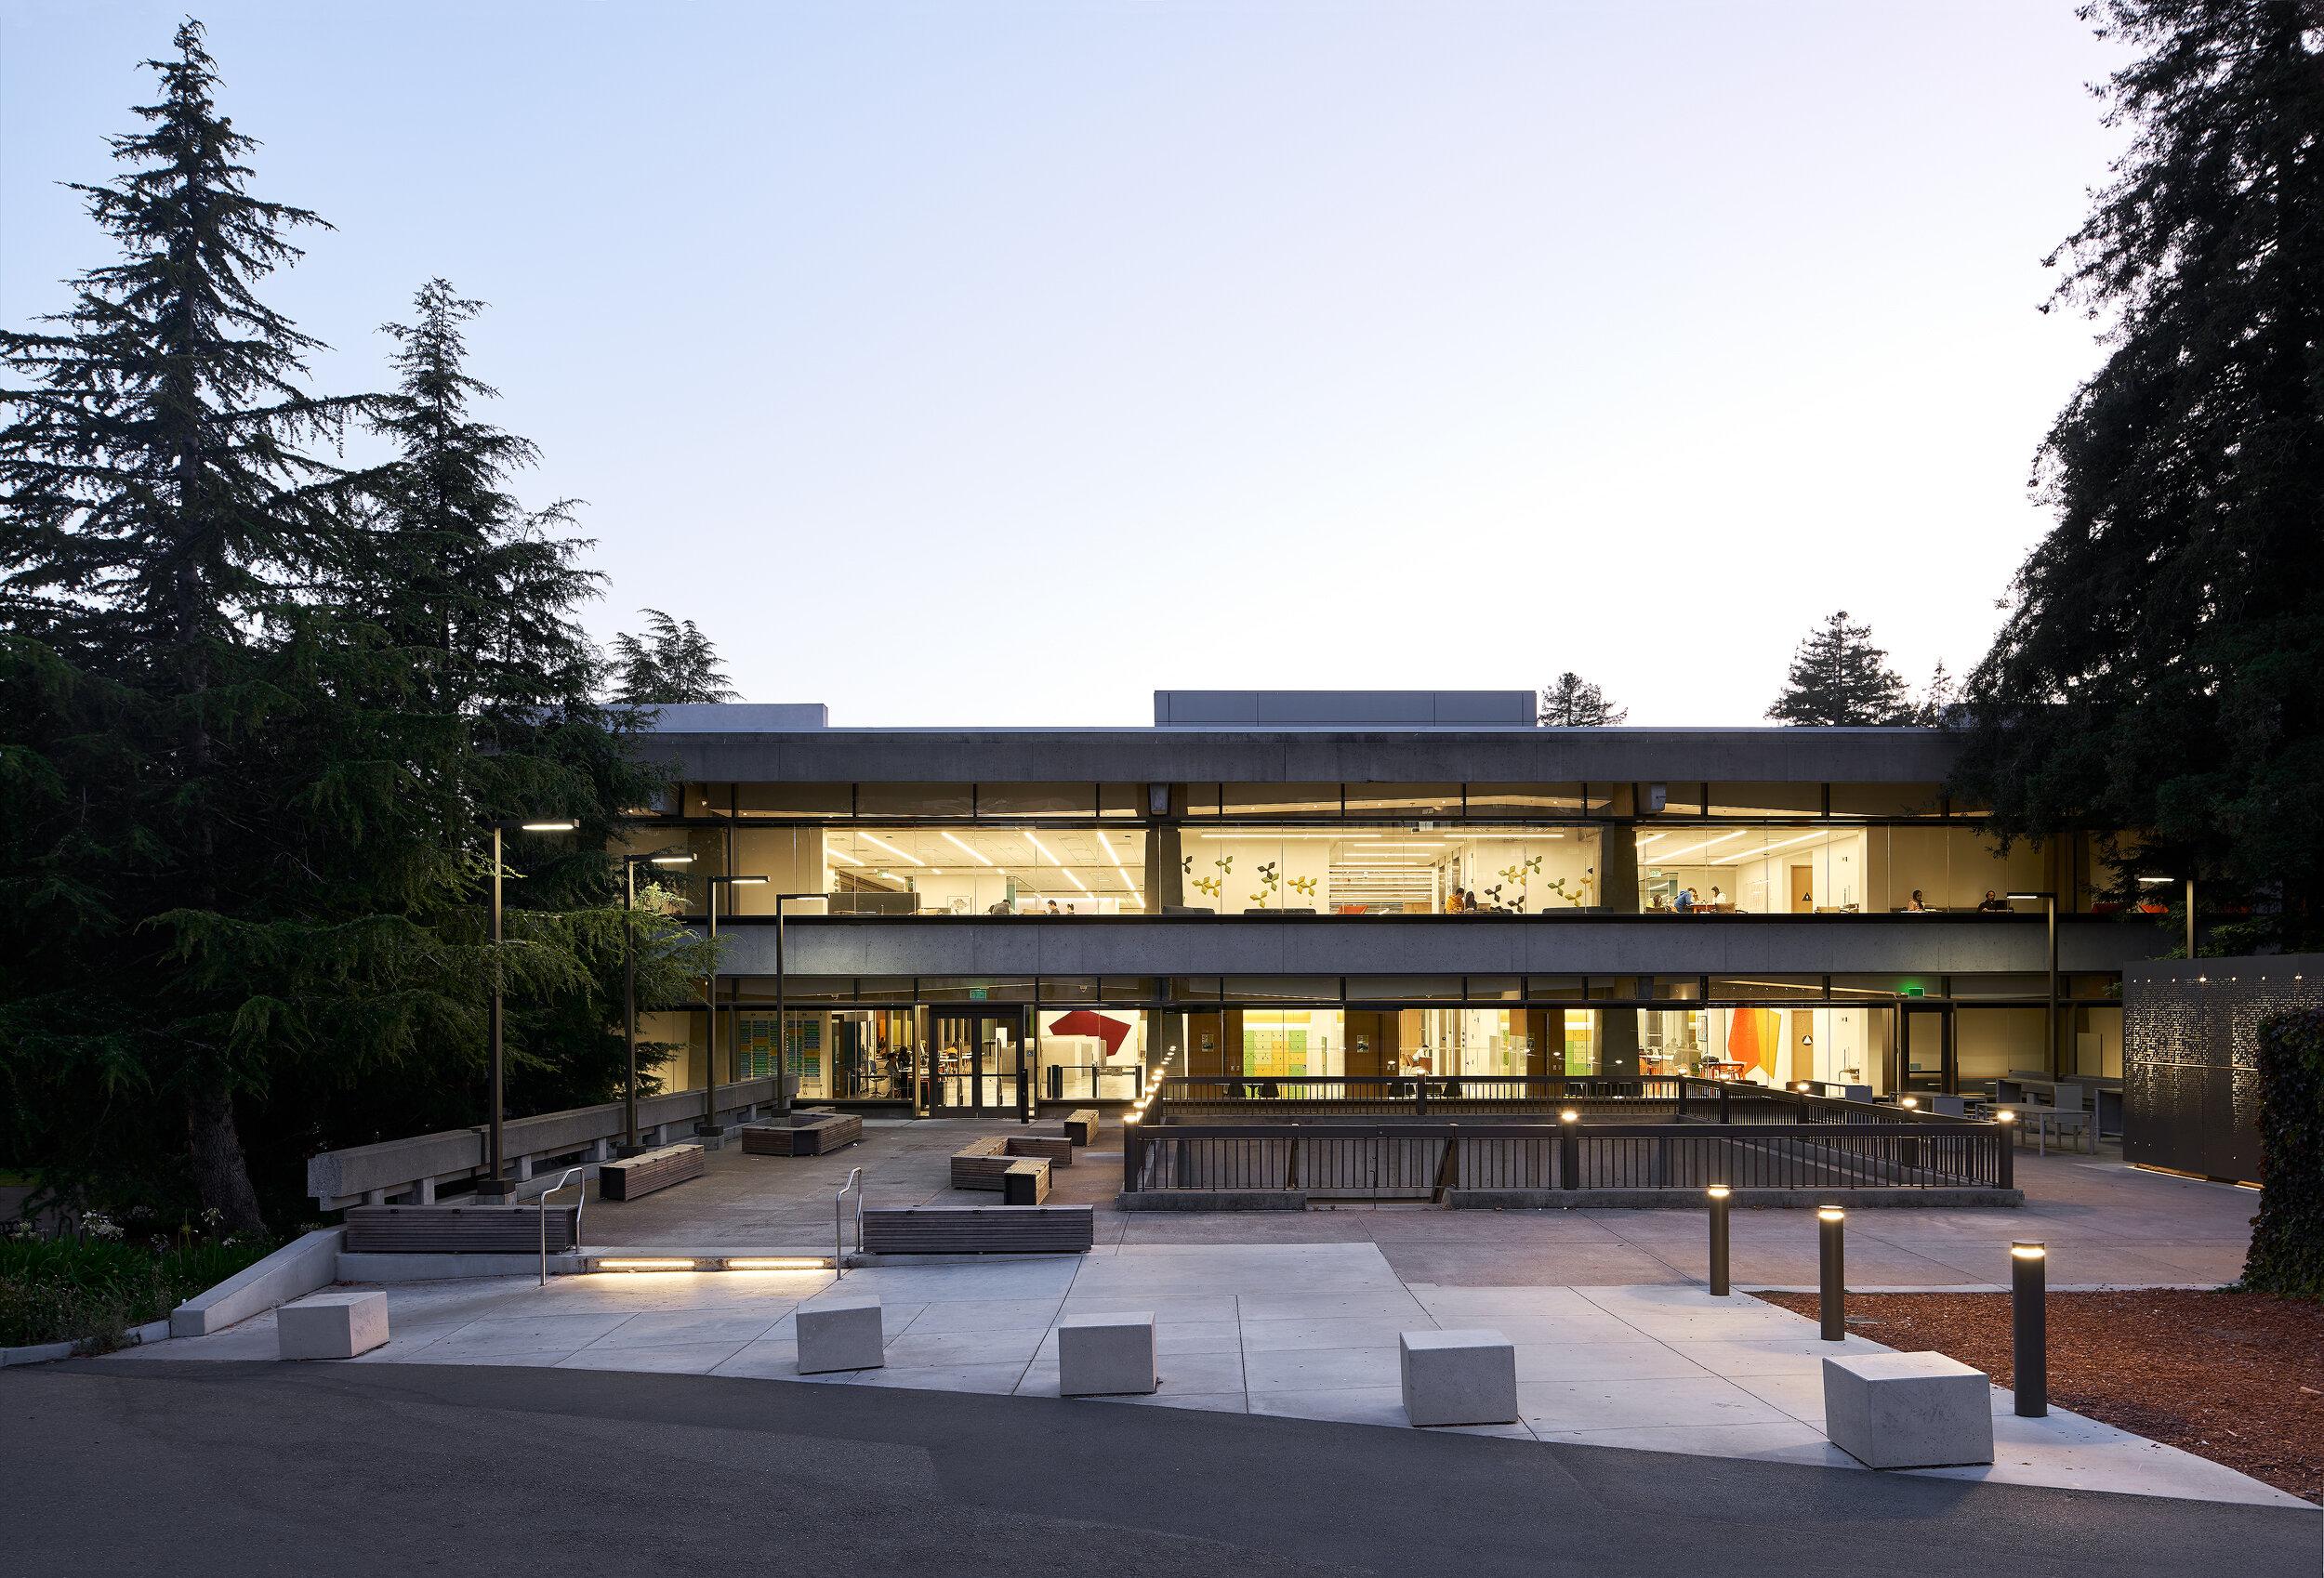 Moffitt Library- UC Berkeley